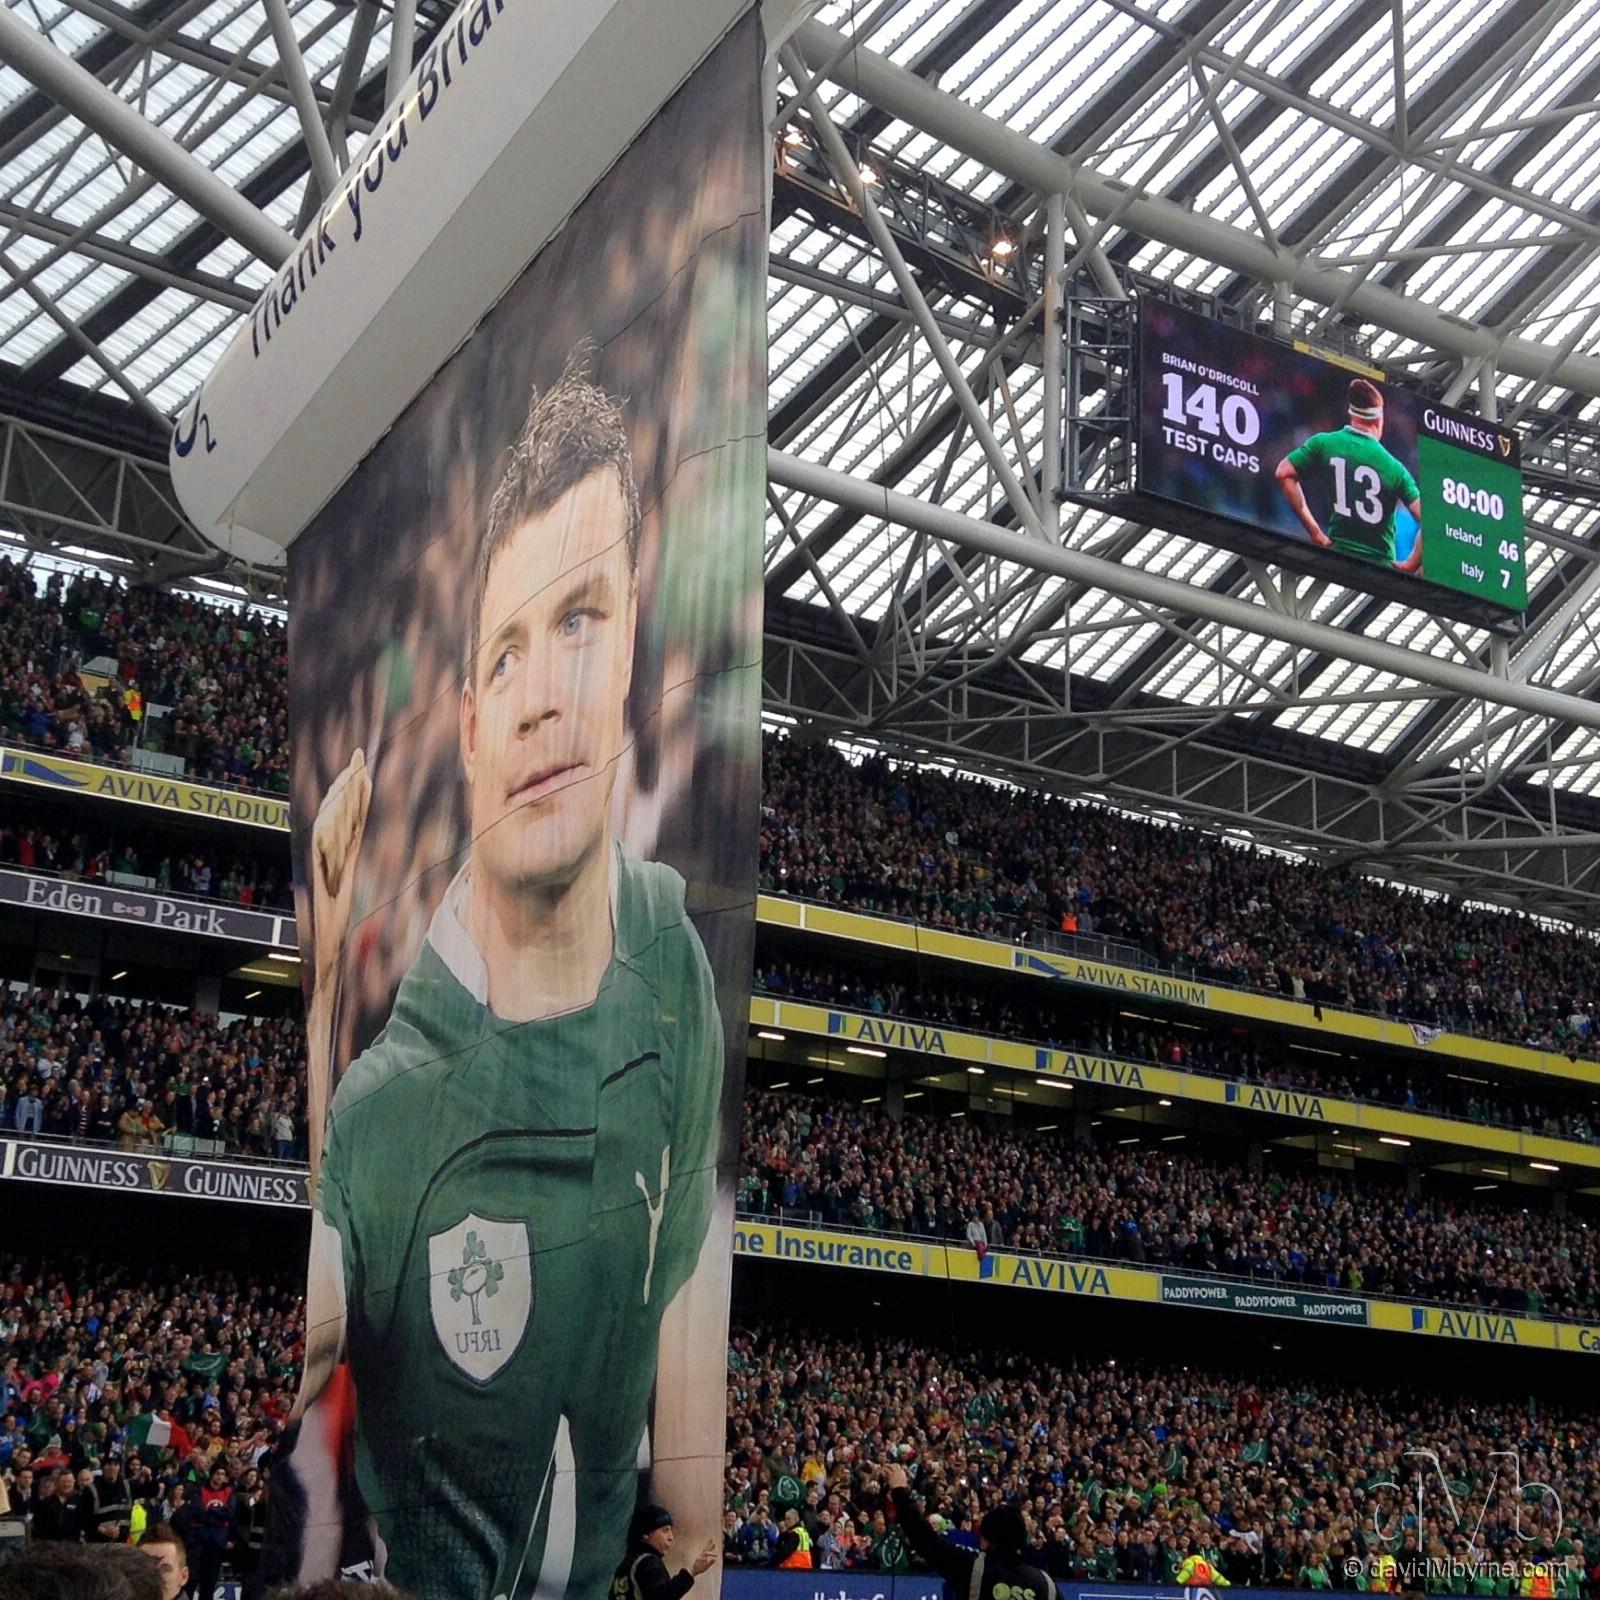 Thank You Brian. Ireland vs. Italy, Aviva Stadium, Dublin, Ireland. March 8th, 2014 (iPod Touch v5)